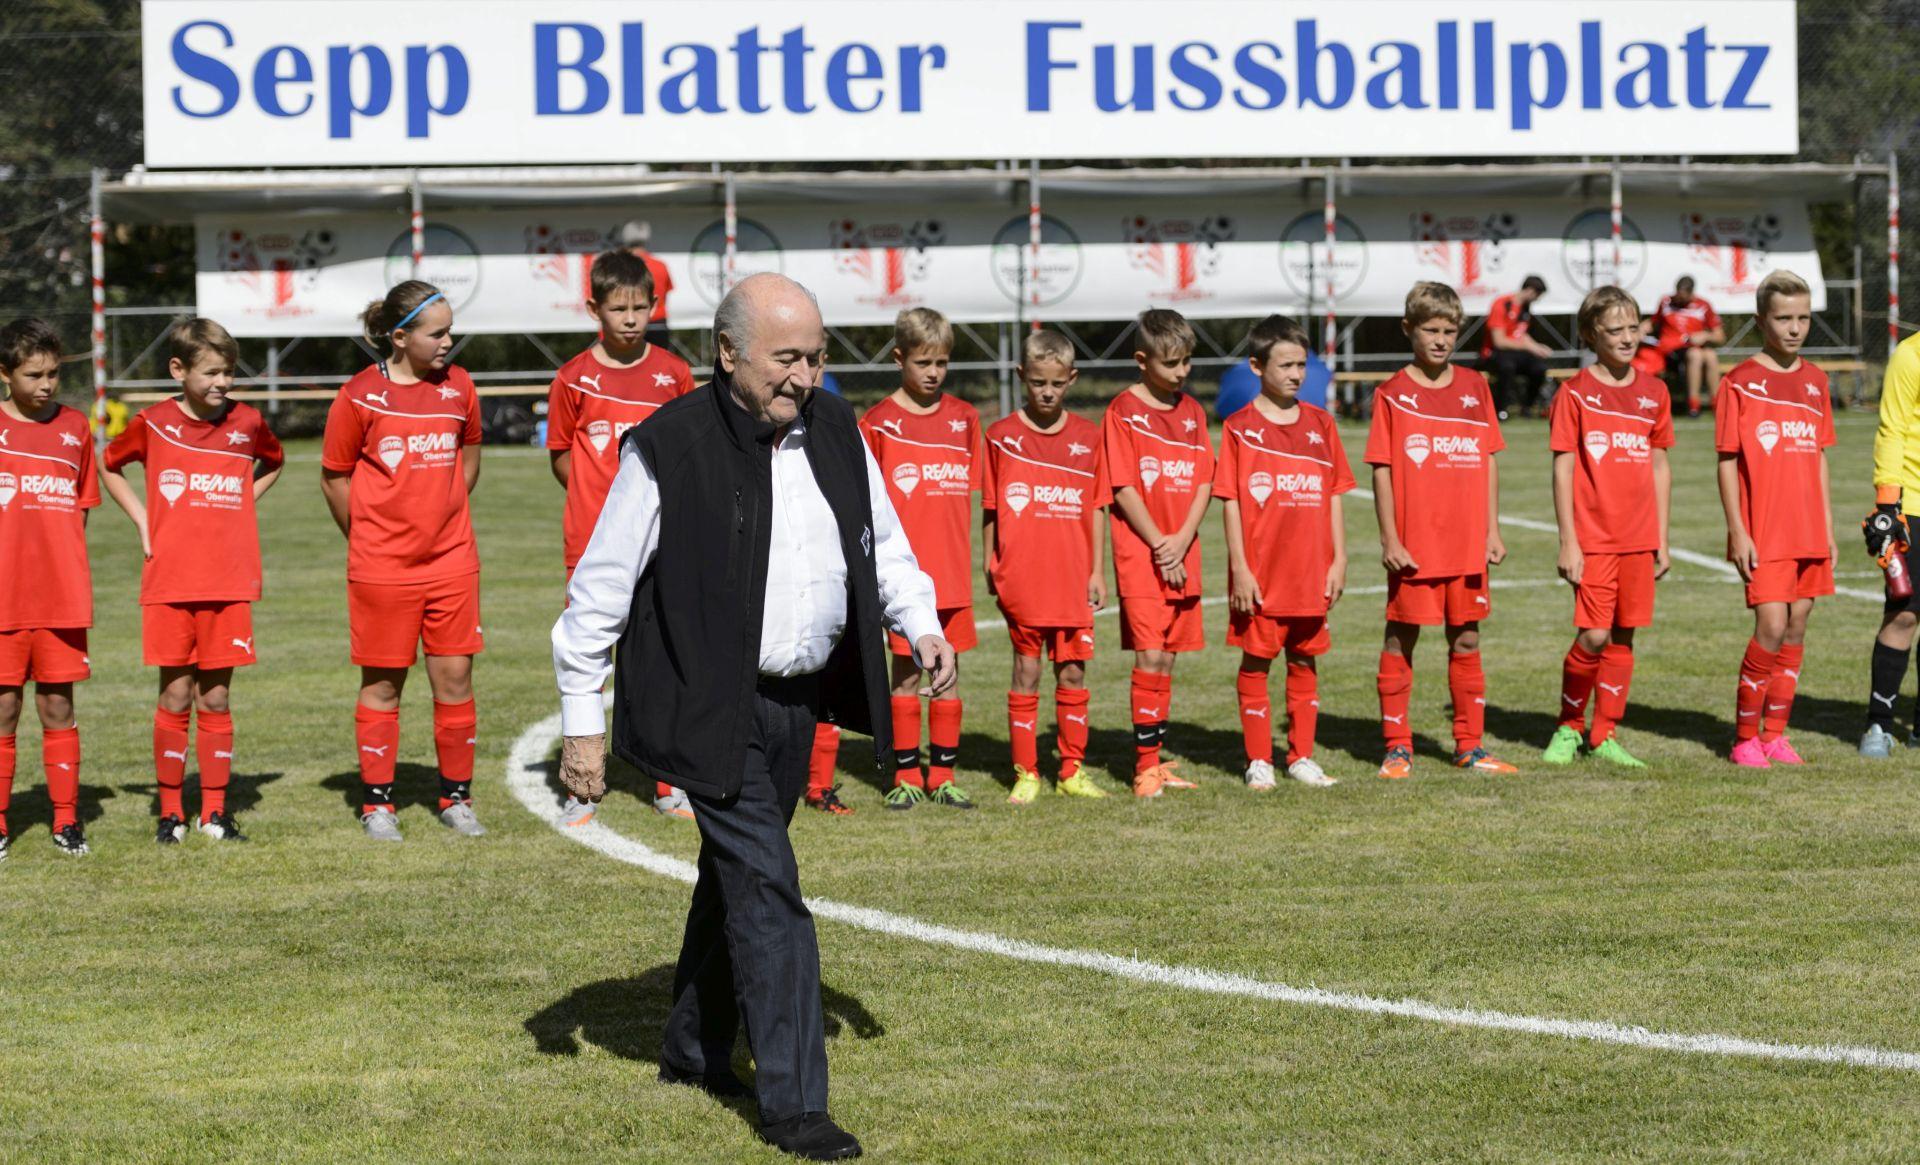 Sepp Blatter: Cijenit će me kad odem i shvatiti da su bili u krivu